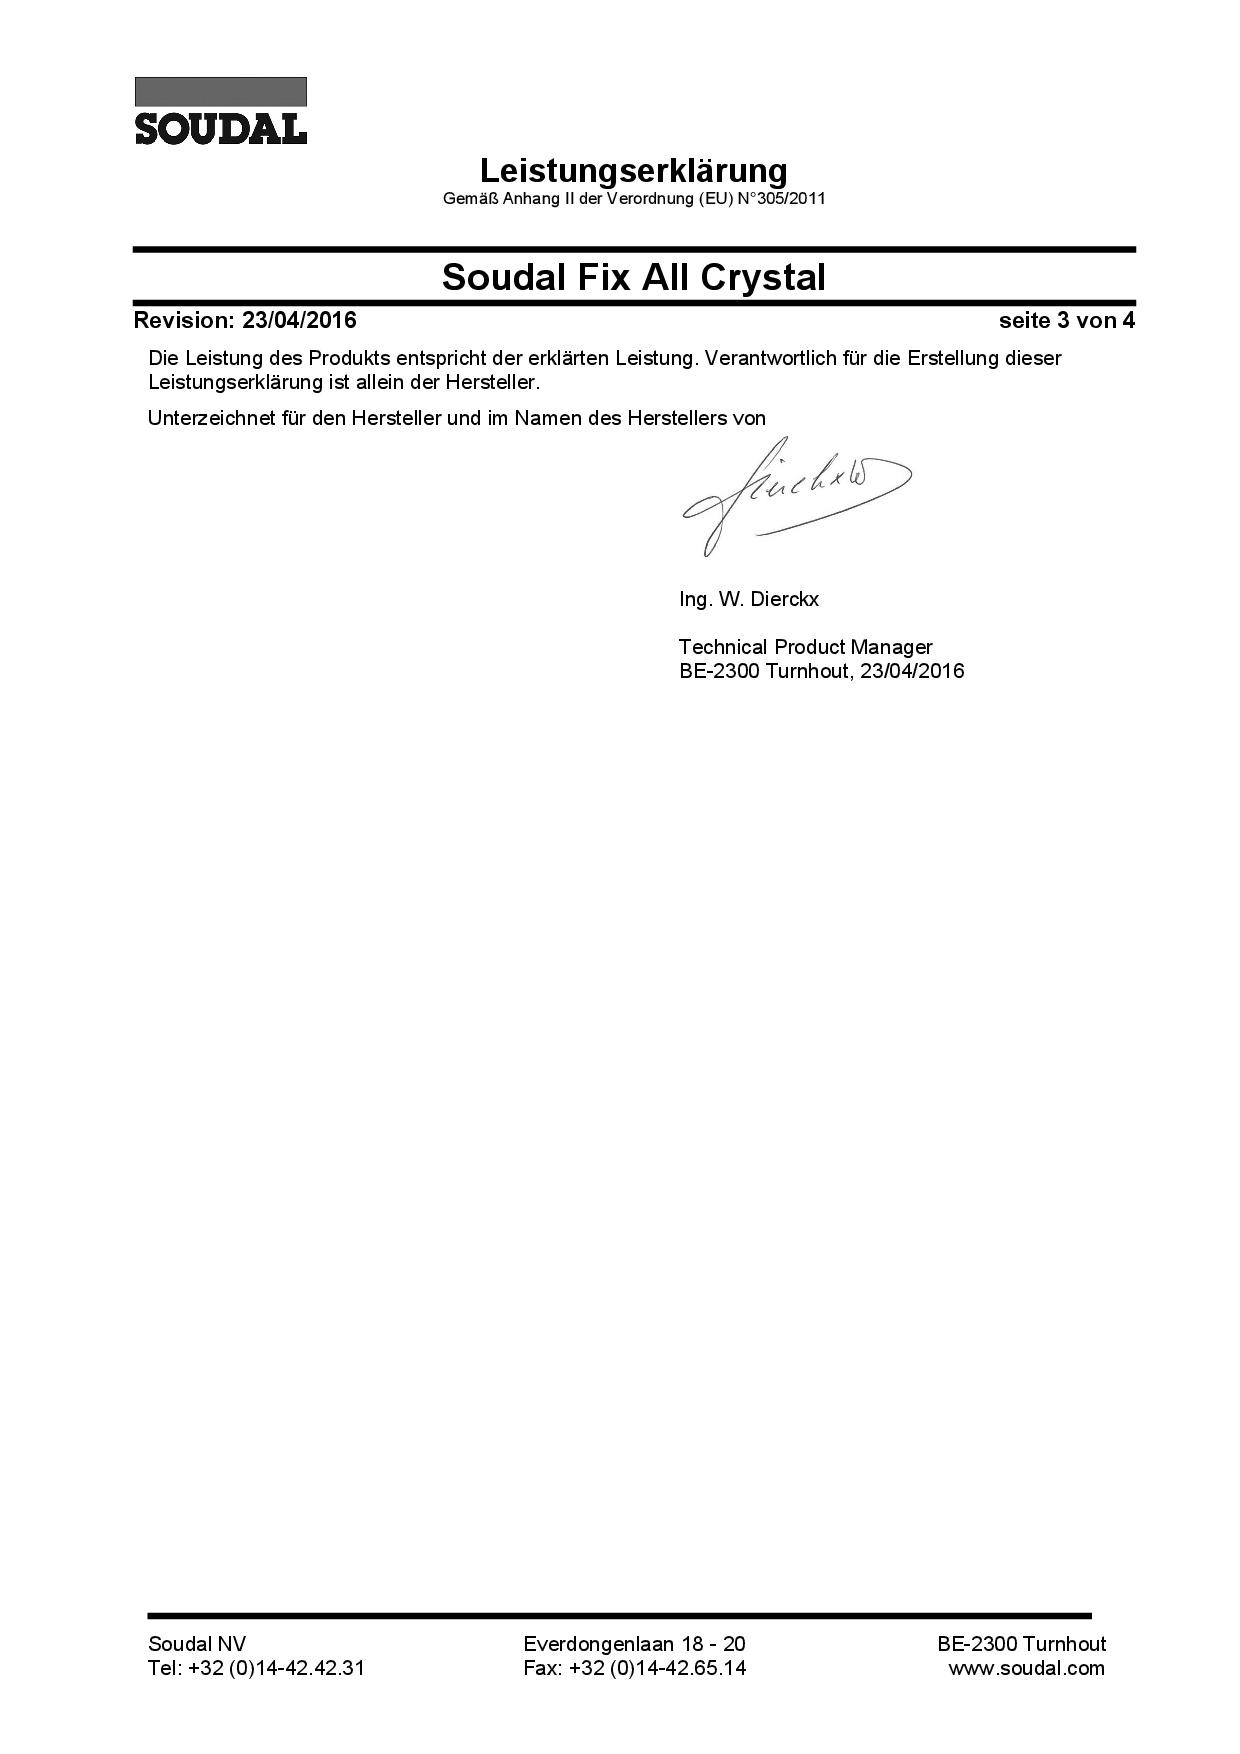 Soudal-Crystal-DOP-jpg-003qRJnI48VgxLHG